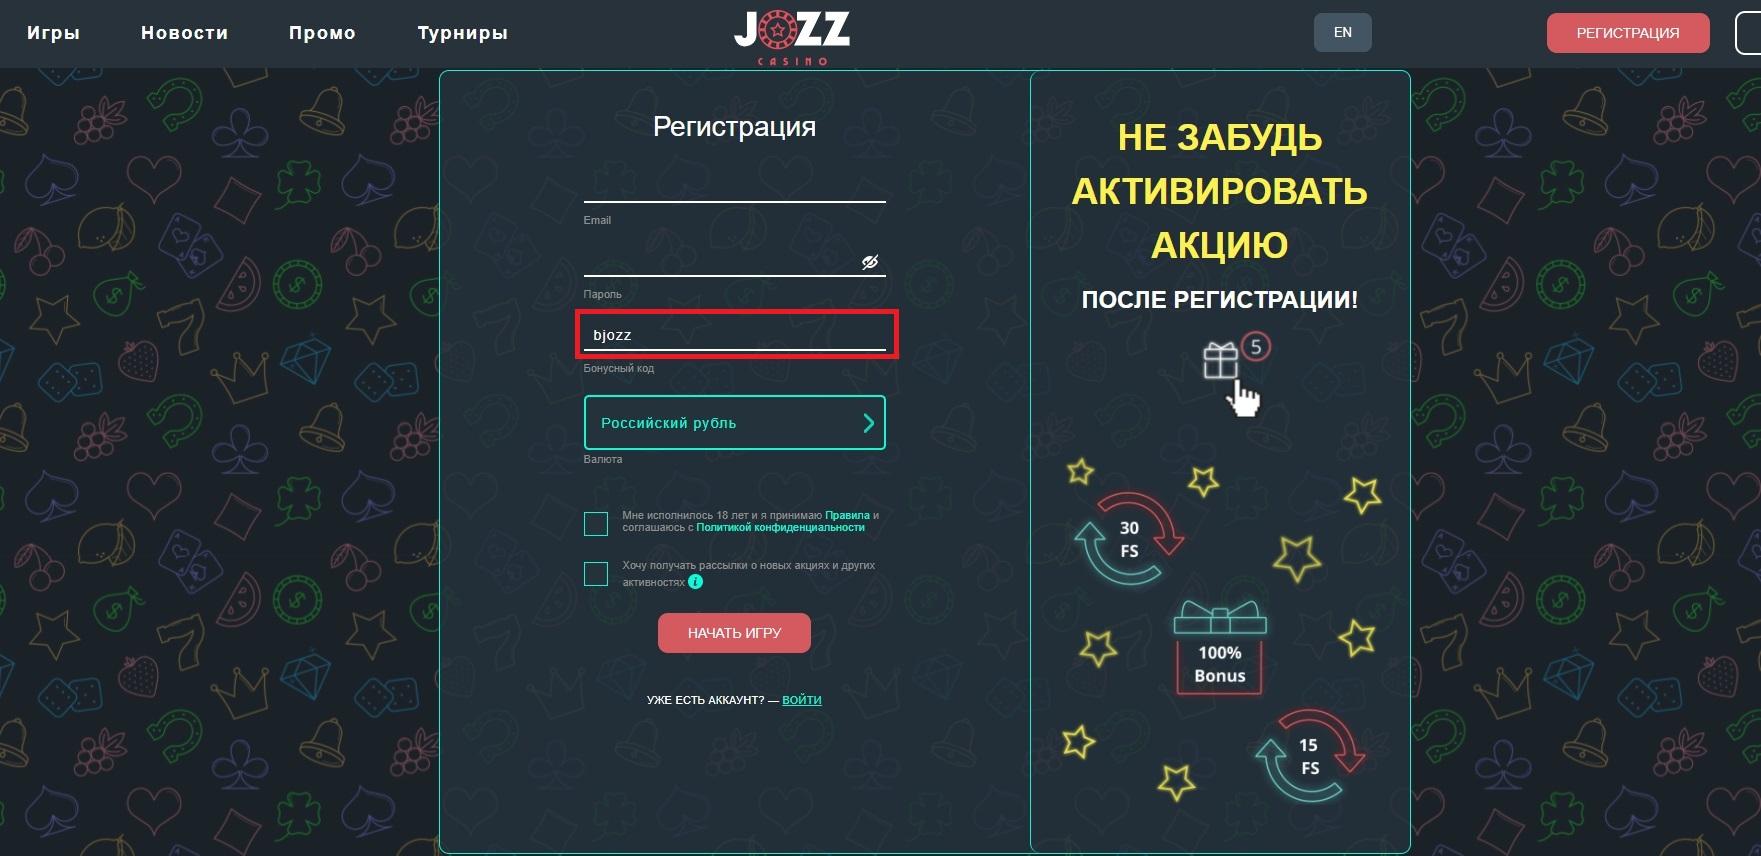 Jozz casino промокод: как получить